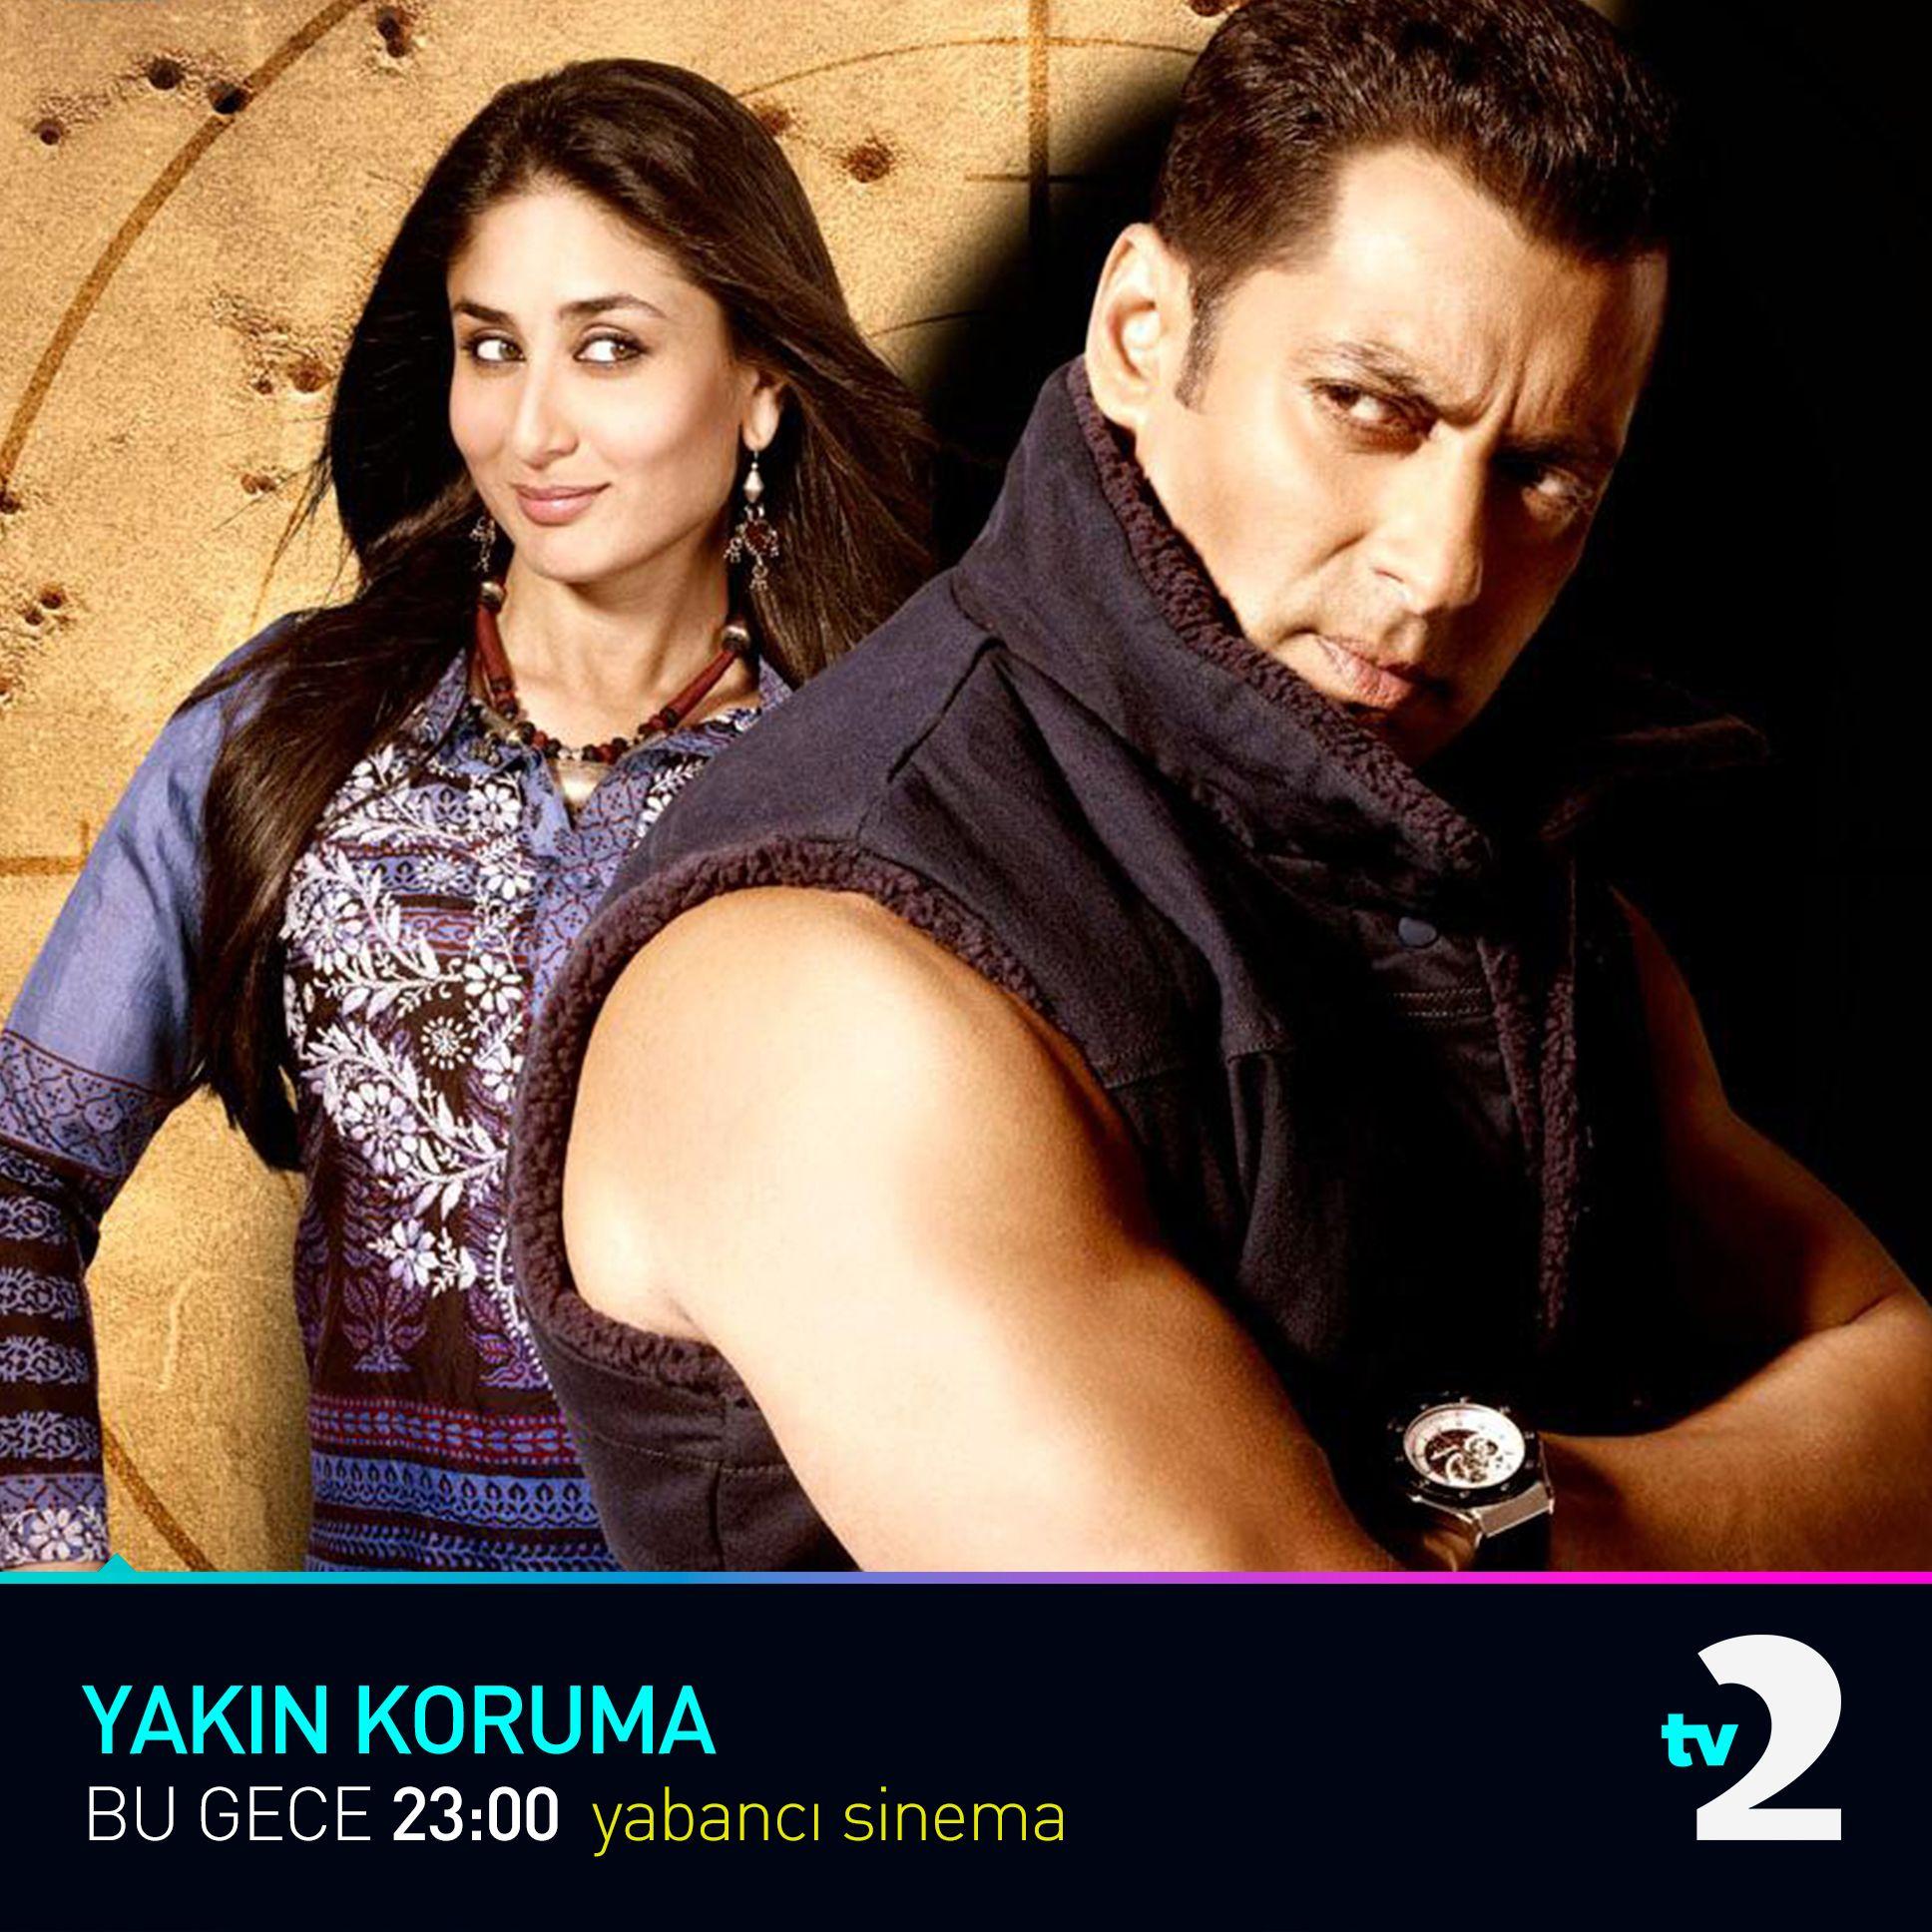 Yakın Koruma Bodygourd Tv2de Film Movies Tamil Movies Ve